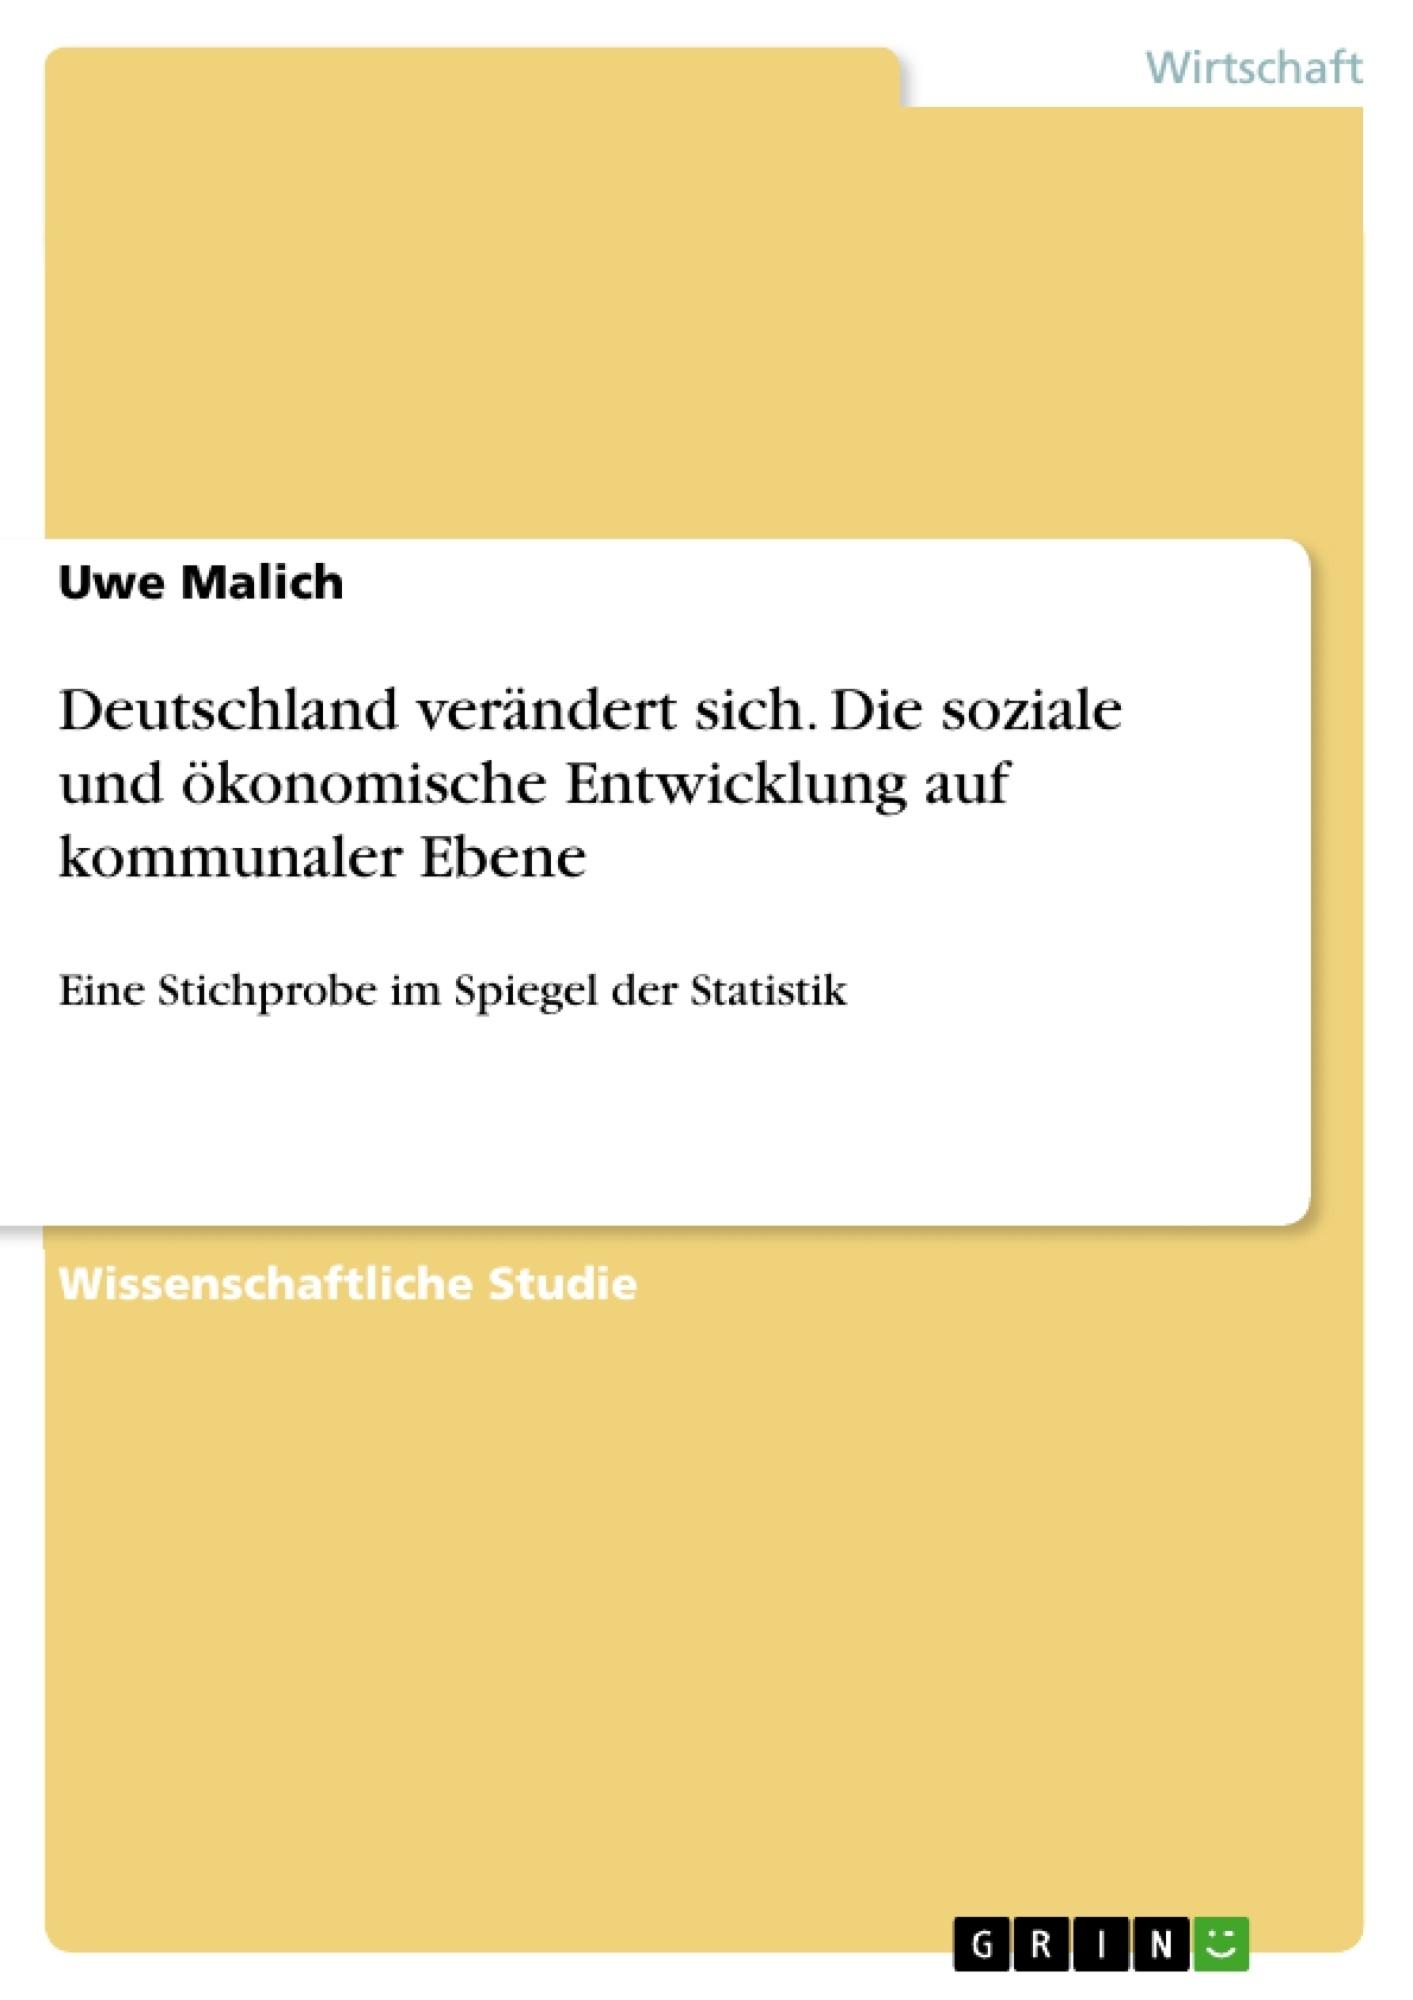 Titel: Deutschland verändert sich. Die soziale und ökonomische Entwicklung auf kommunaler Ebene